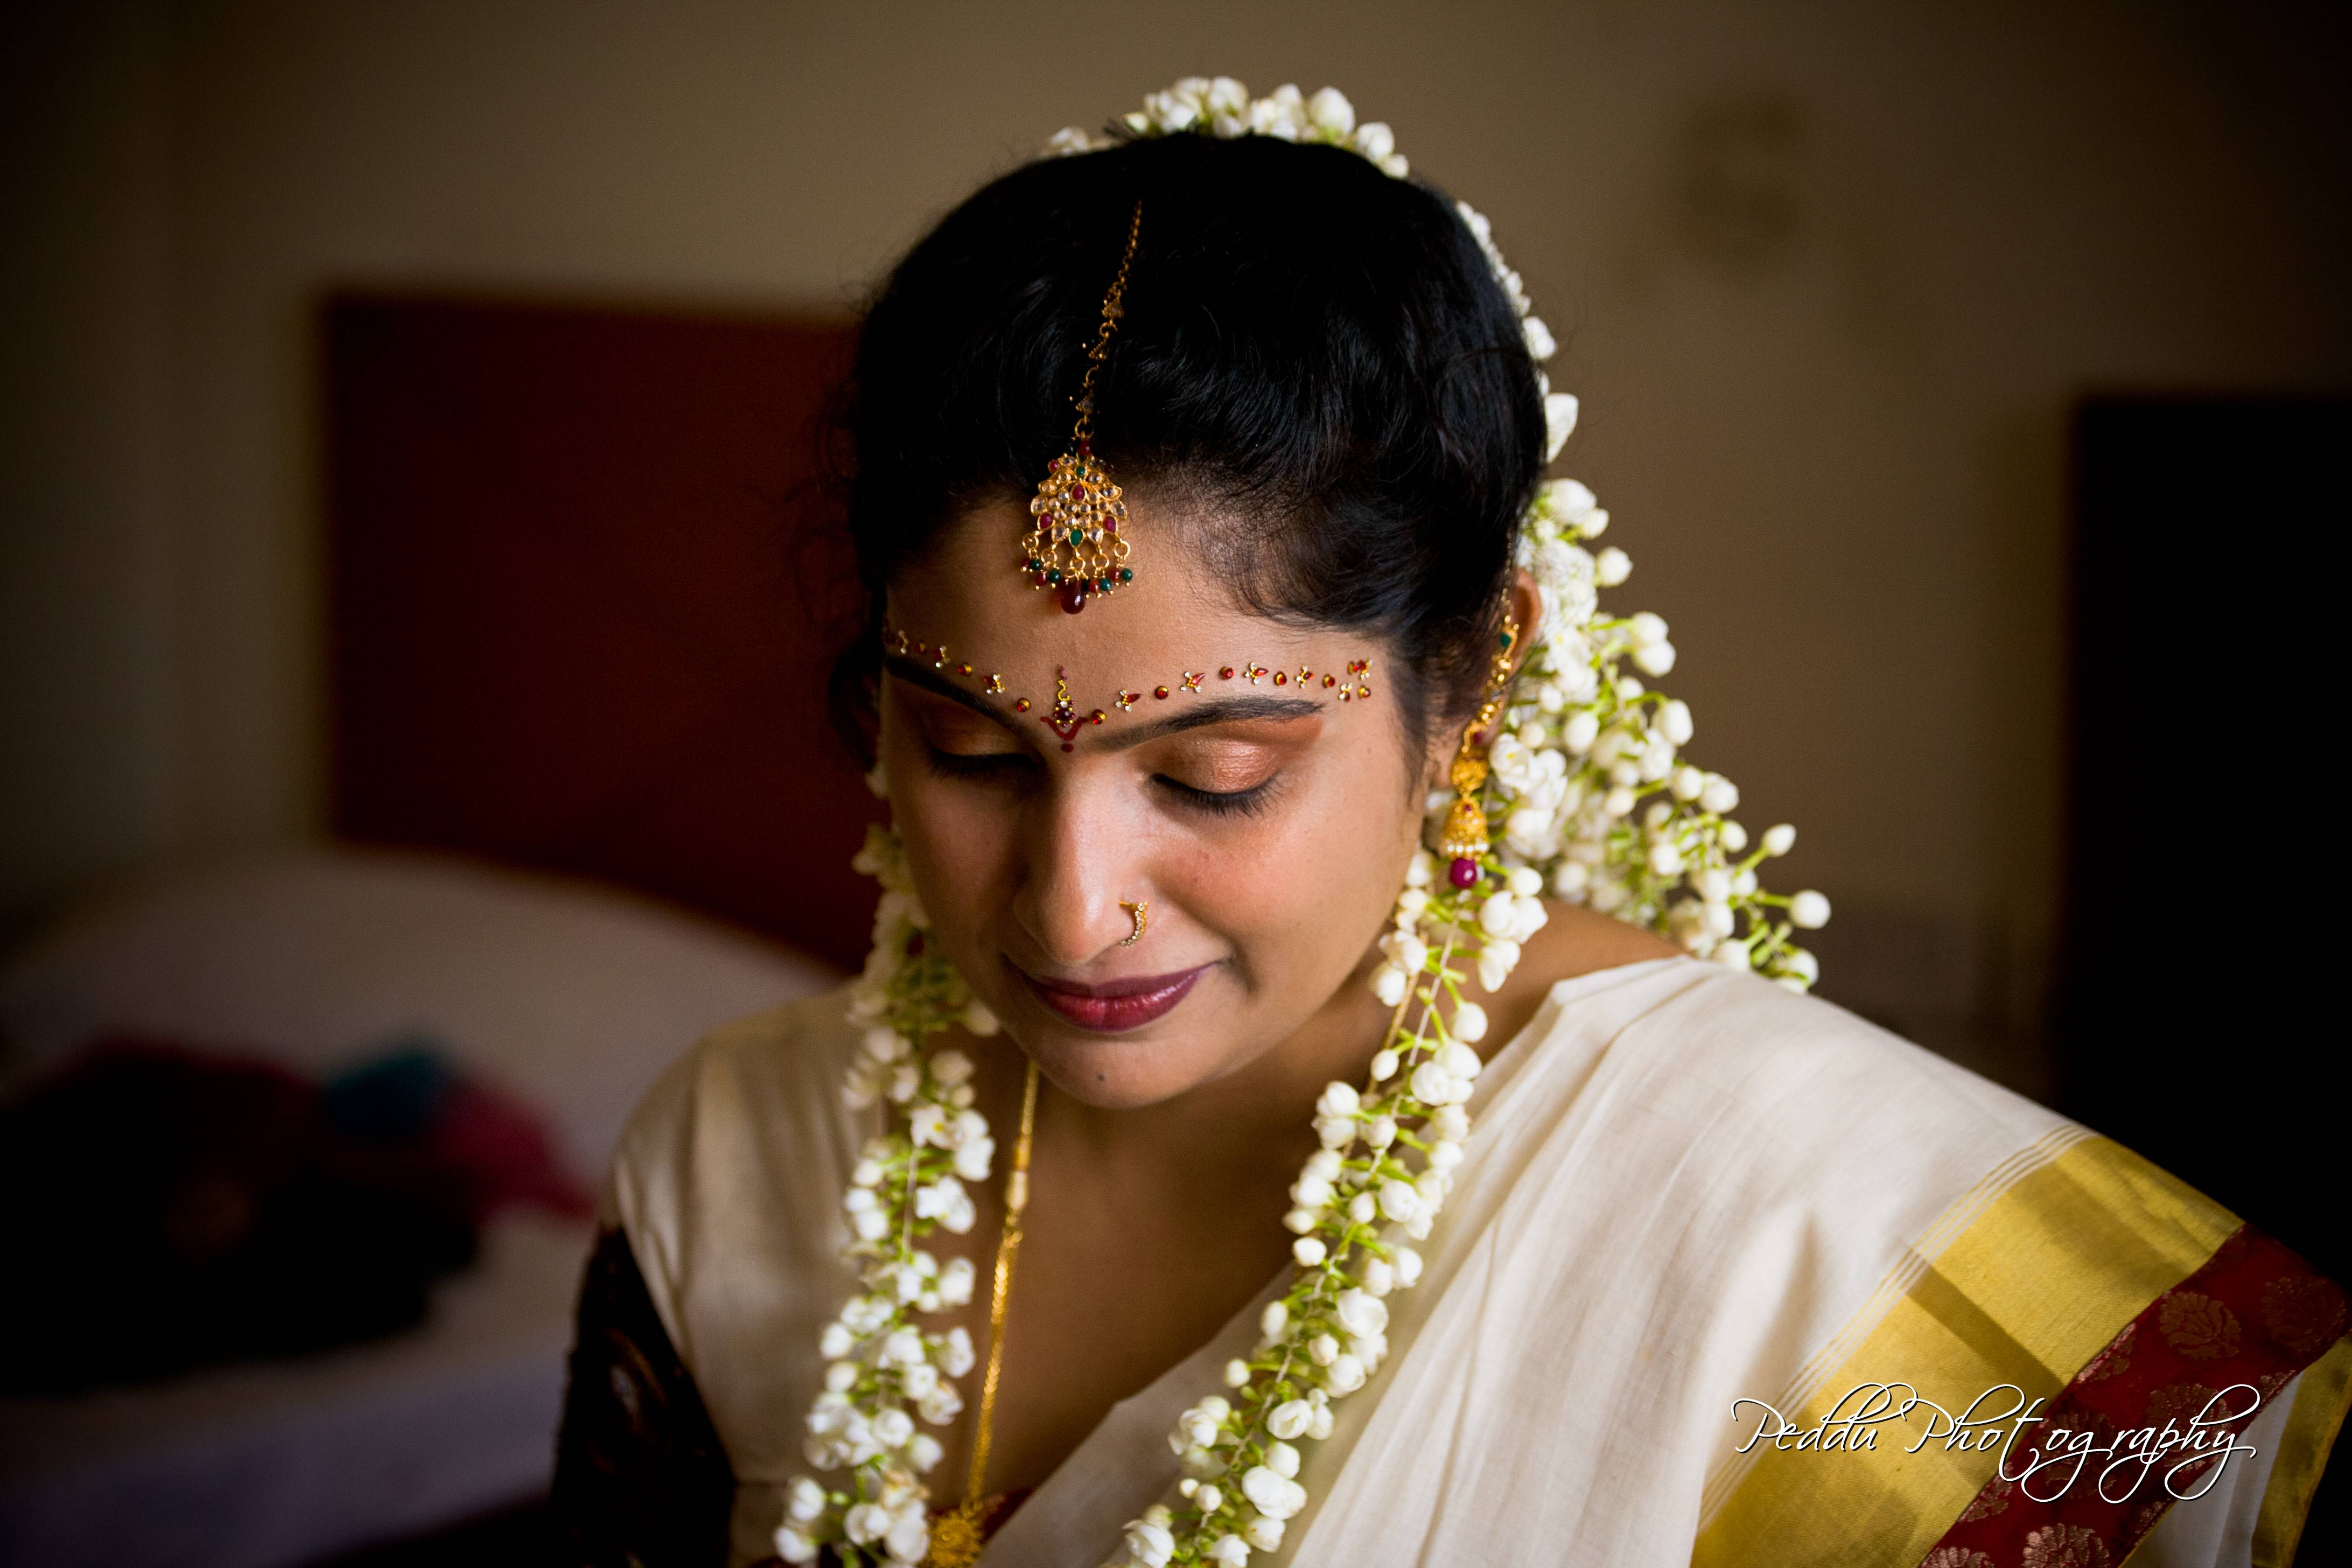 peddu eeshwar south indian wedding photographer mumbai wedding photograher hyderabad wedding